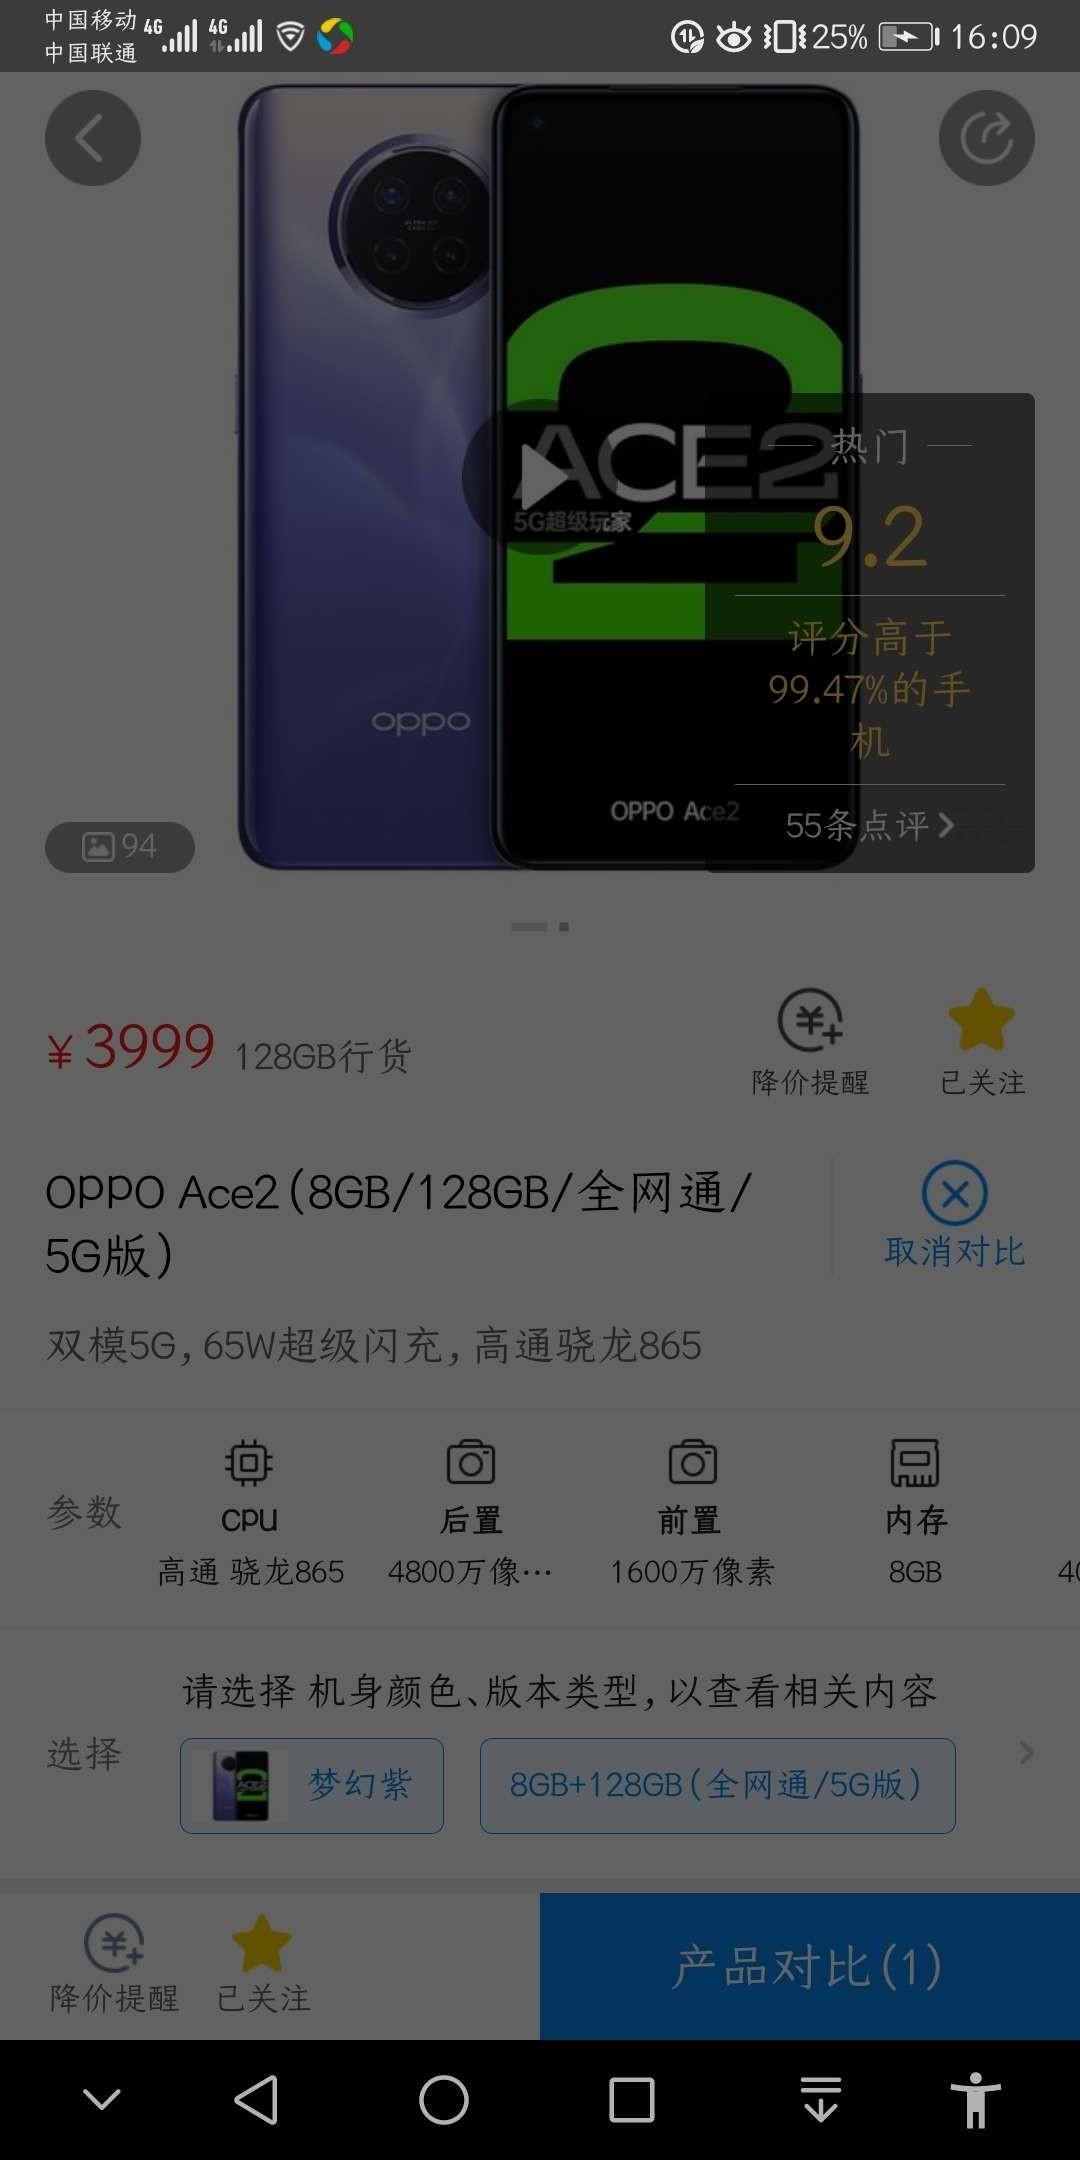 荣耀30Pro+与oppoAce2哪个更值得入手,不考虑价格